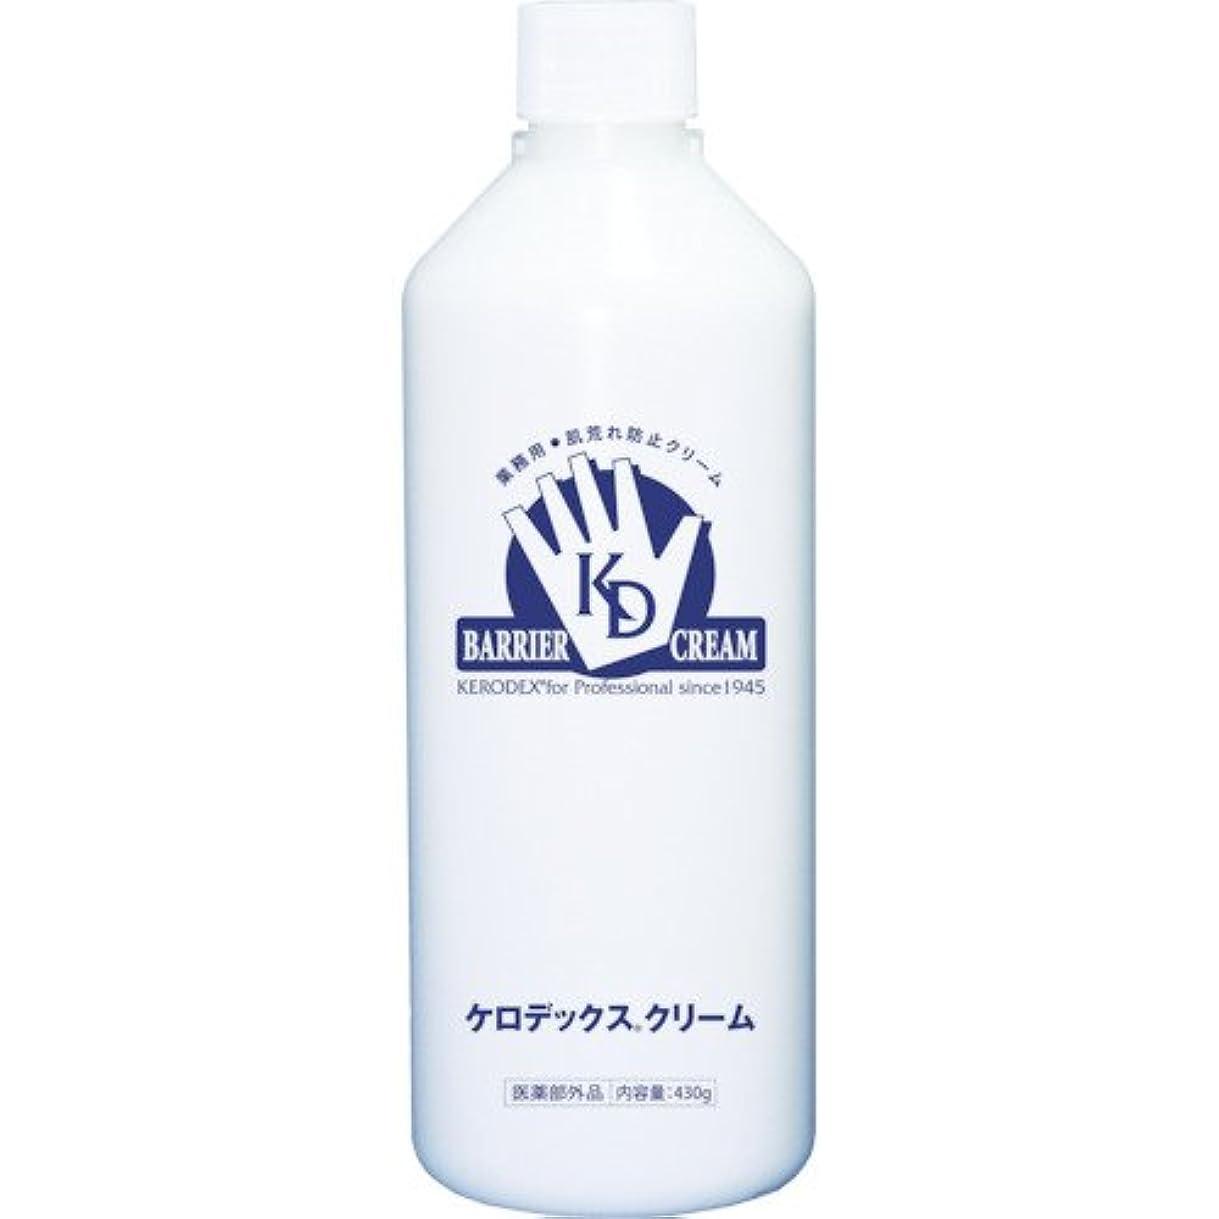 結晶追記踊り子ケロデックスクリーム ボトルタイプ 詰替用 430g